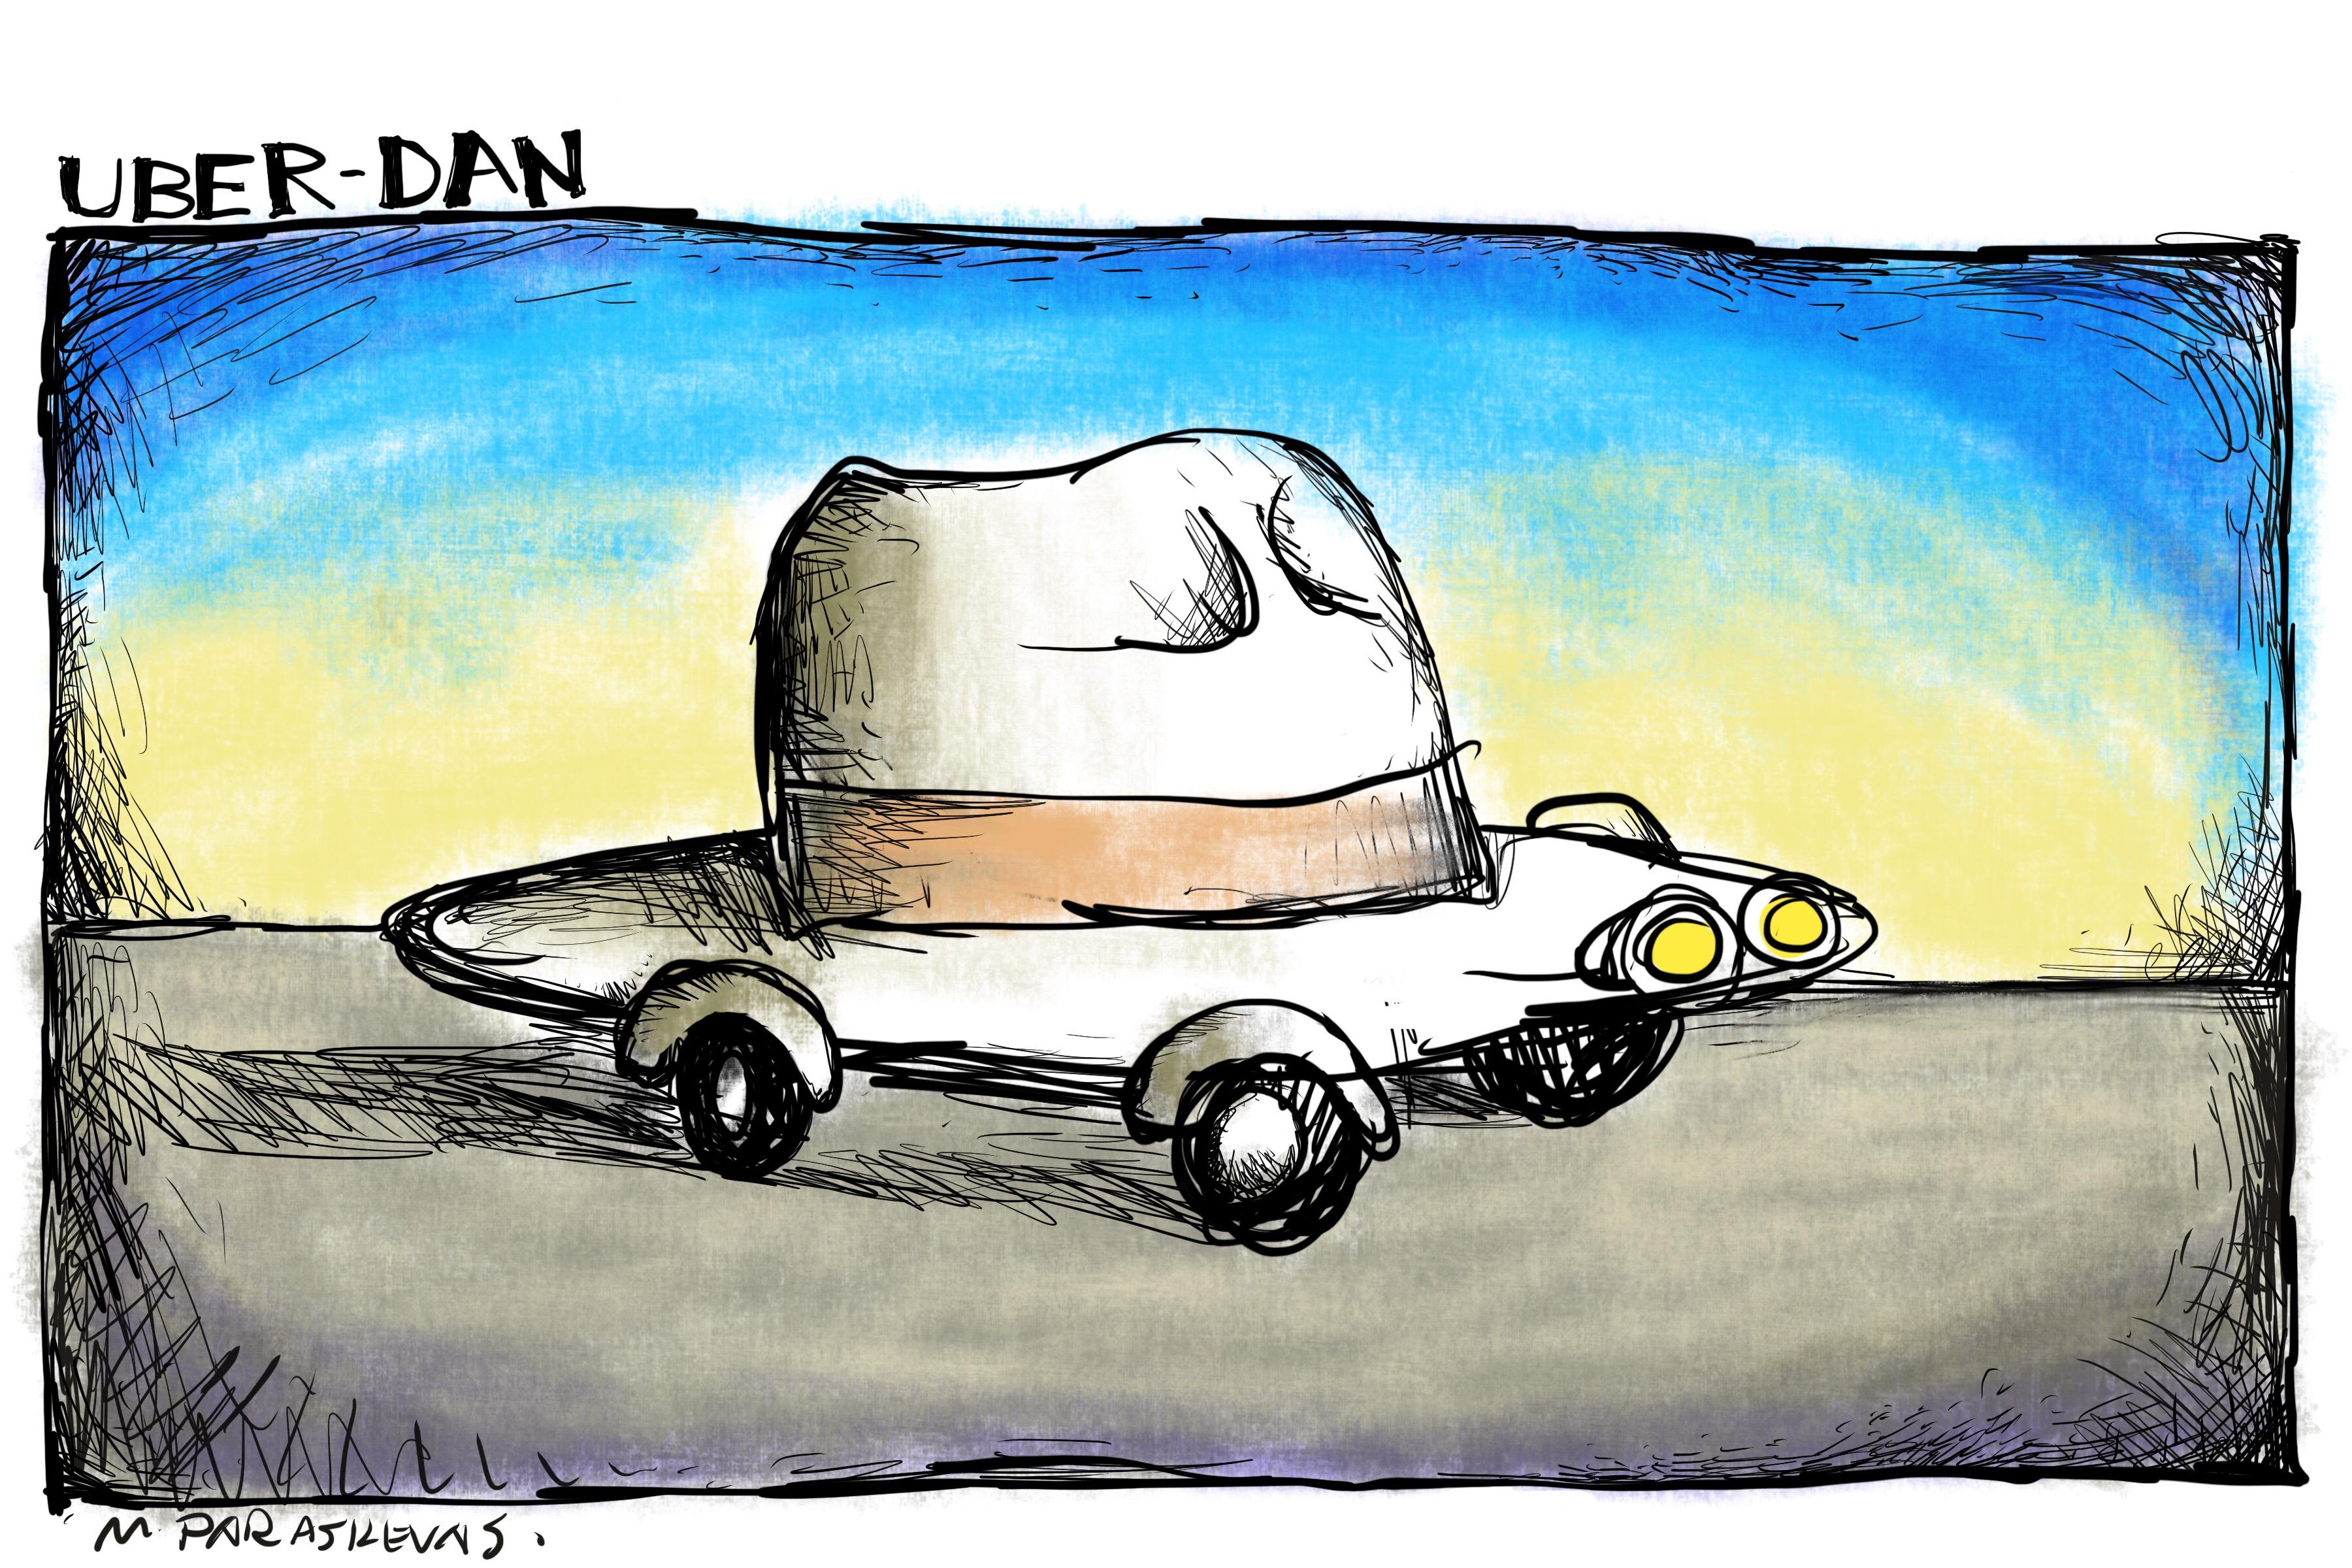 Uber_dan_